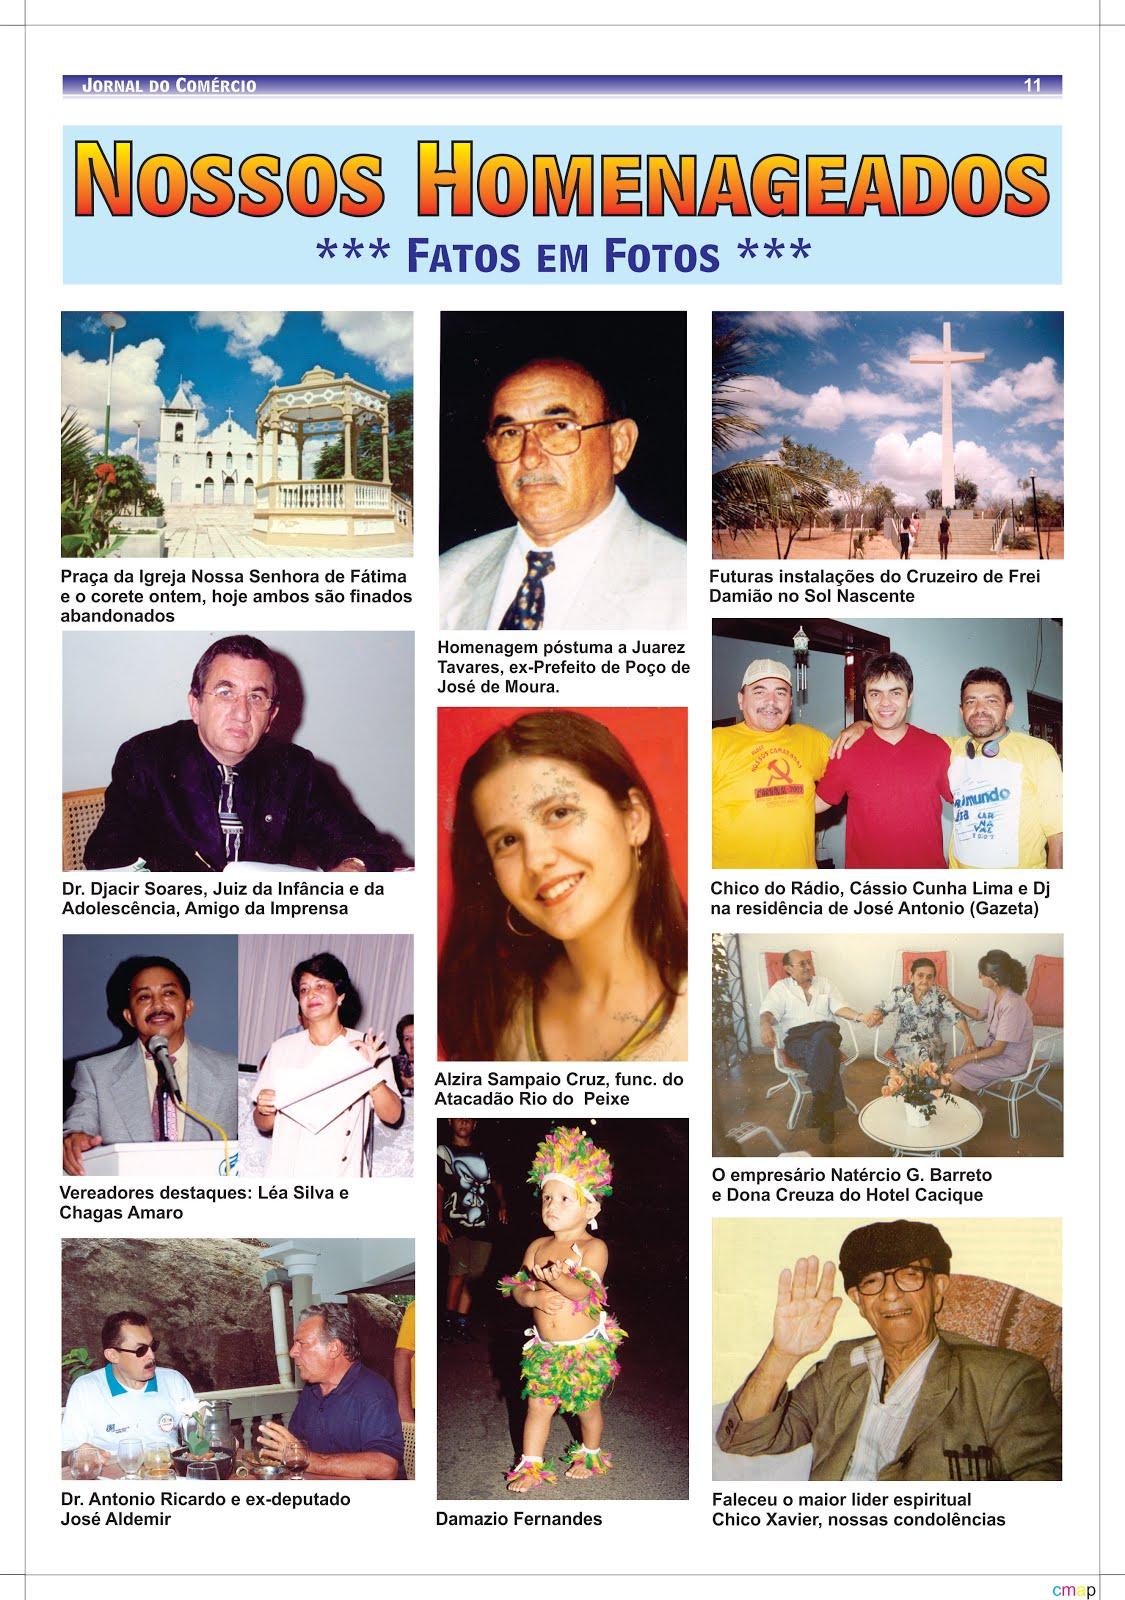 AMIGOS QUE FORAM SEMPRE LEMBRADOS  POR NOSSOS  PROJETOS  E IDEIAS  DE ATIVIDADES AOS BONS AMIGOS